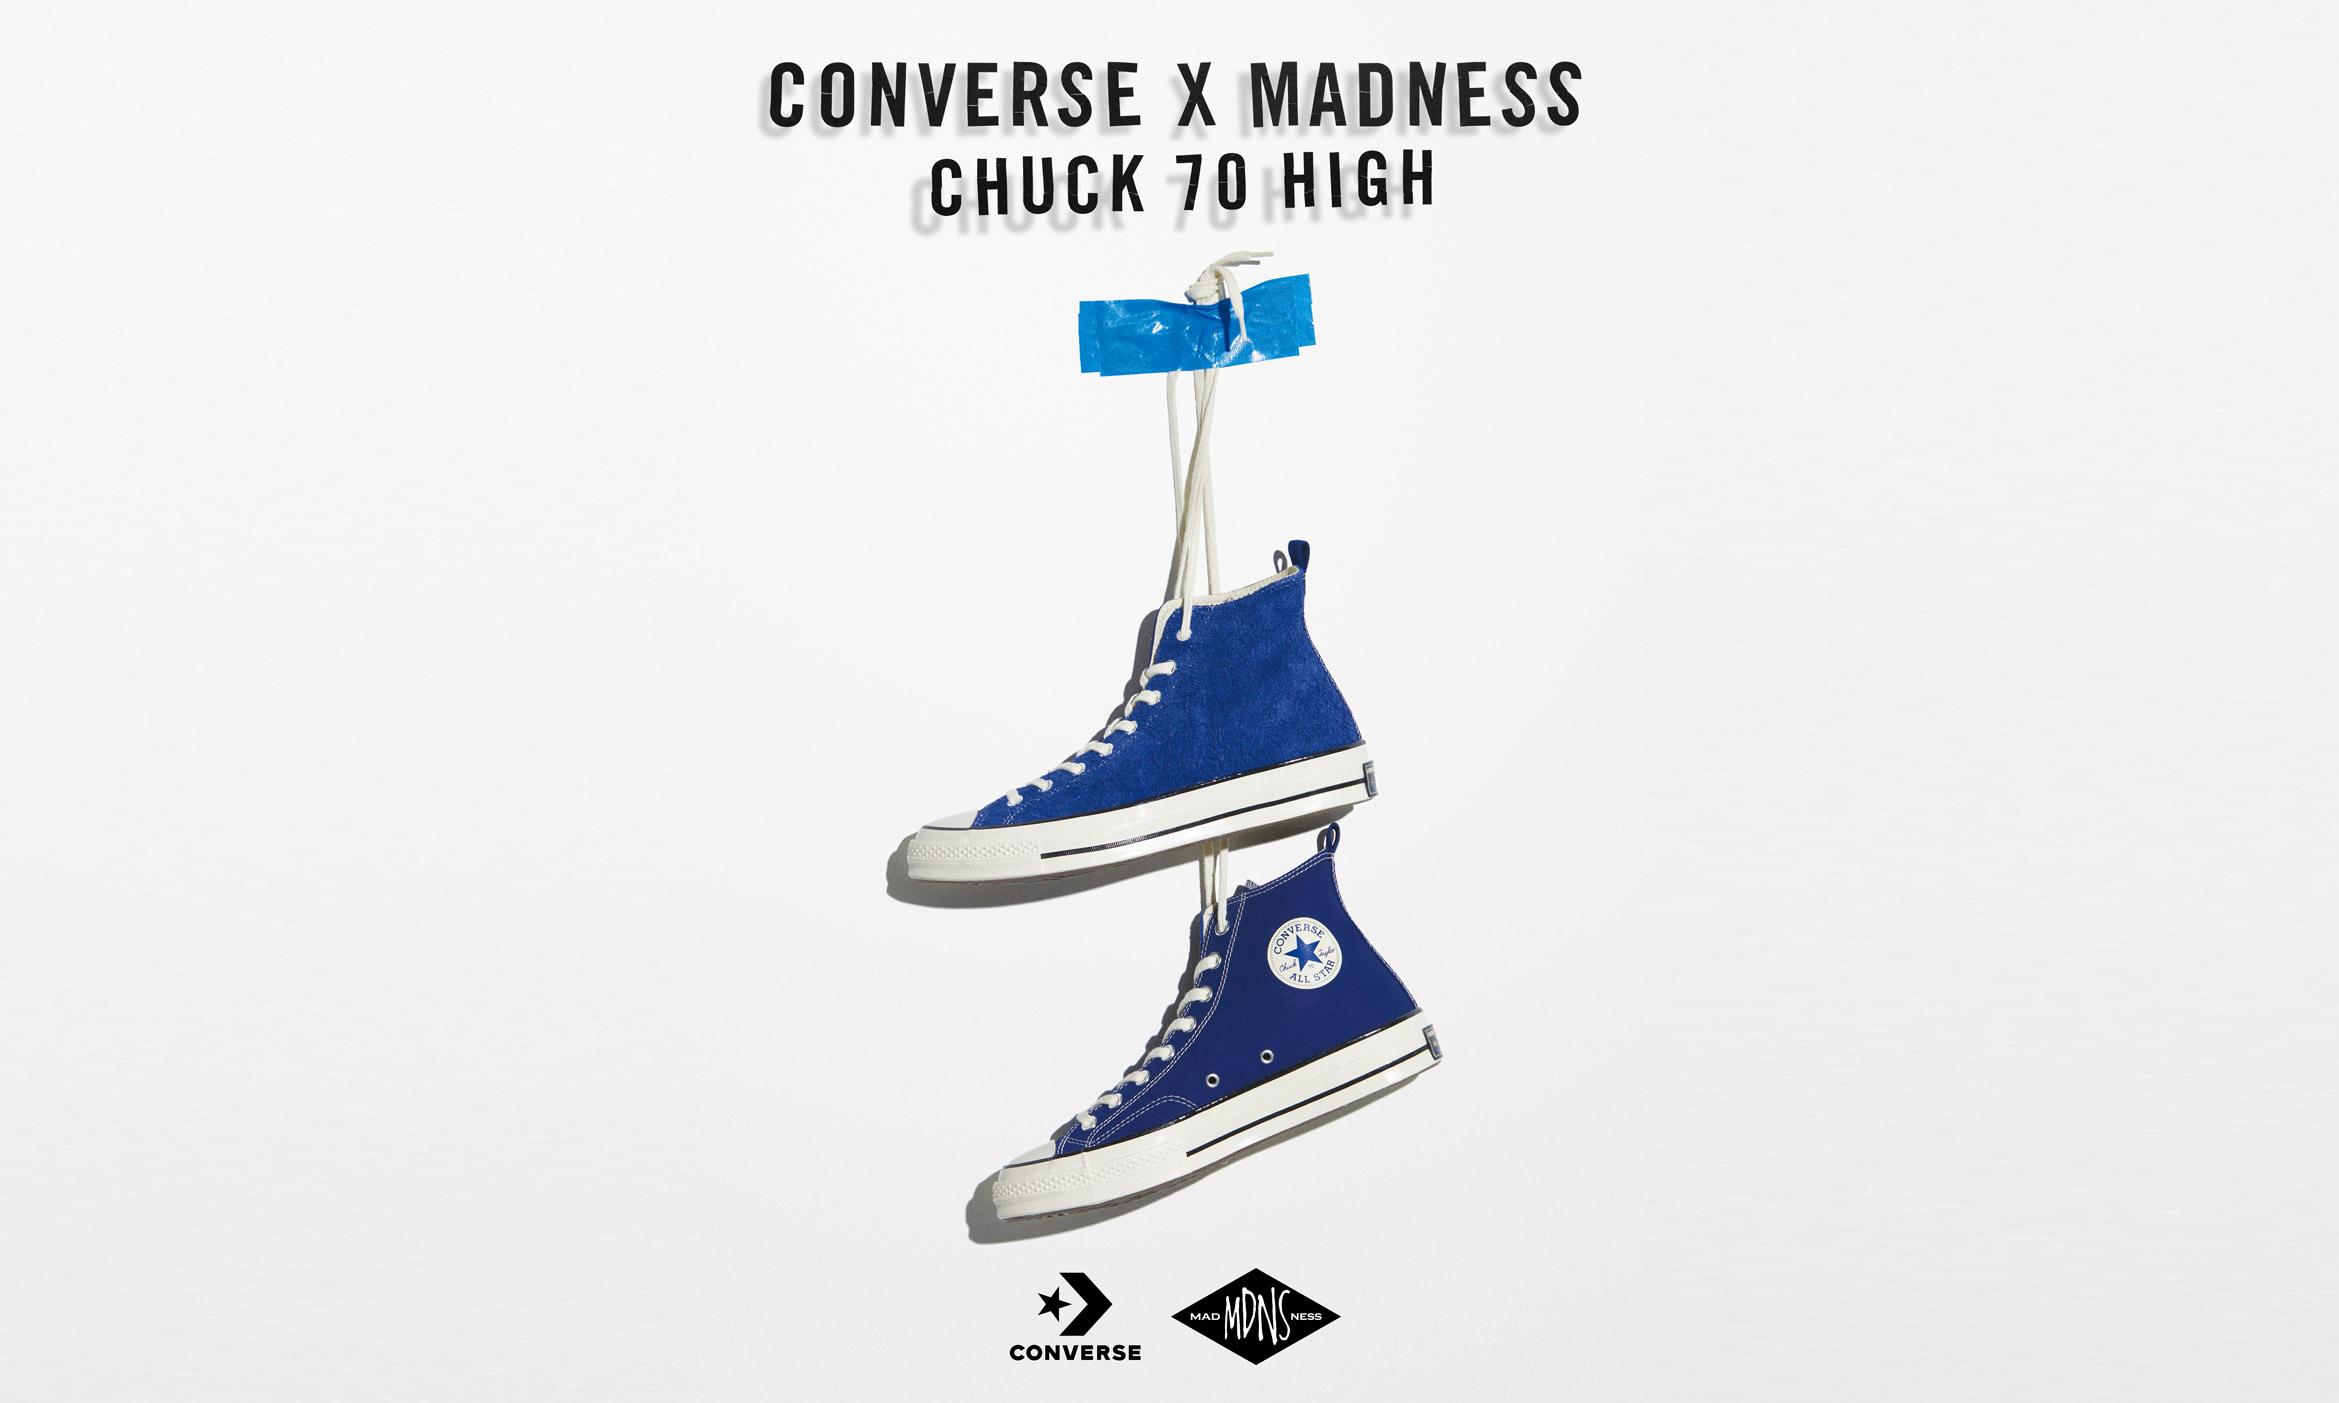 #真的有故事,MADNESS x CONVERSE Chuck 70 入手机会又来了